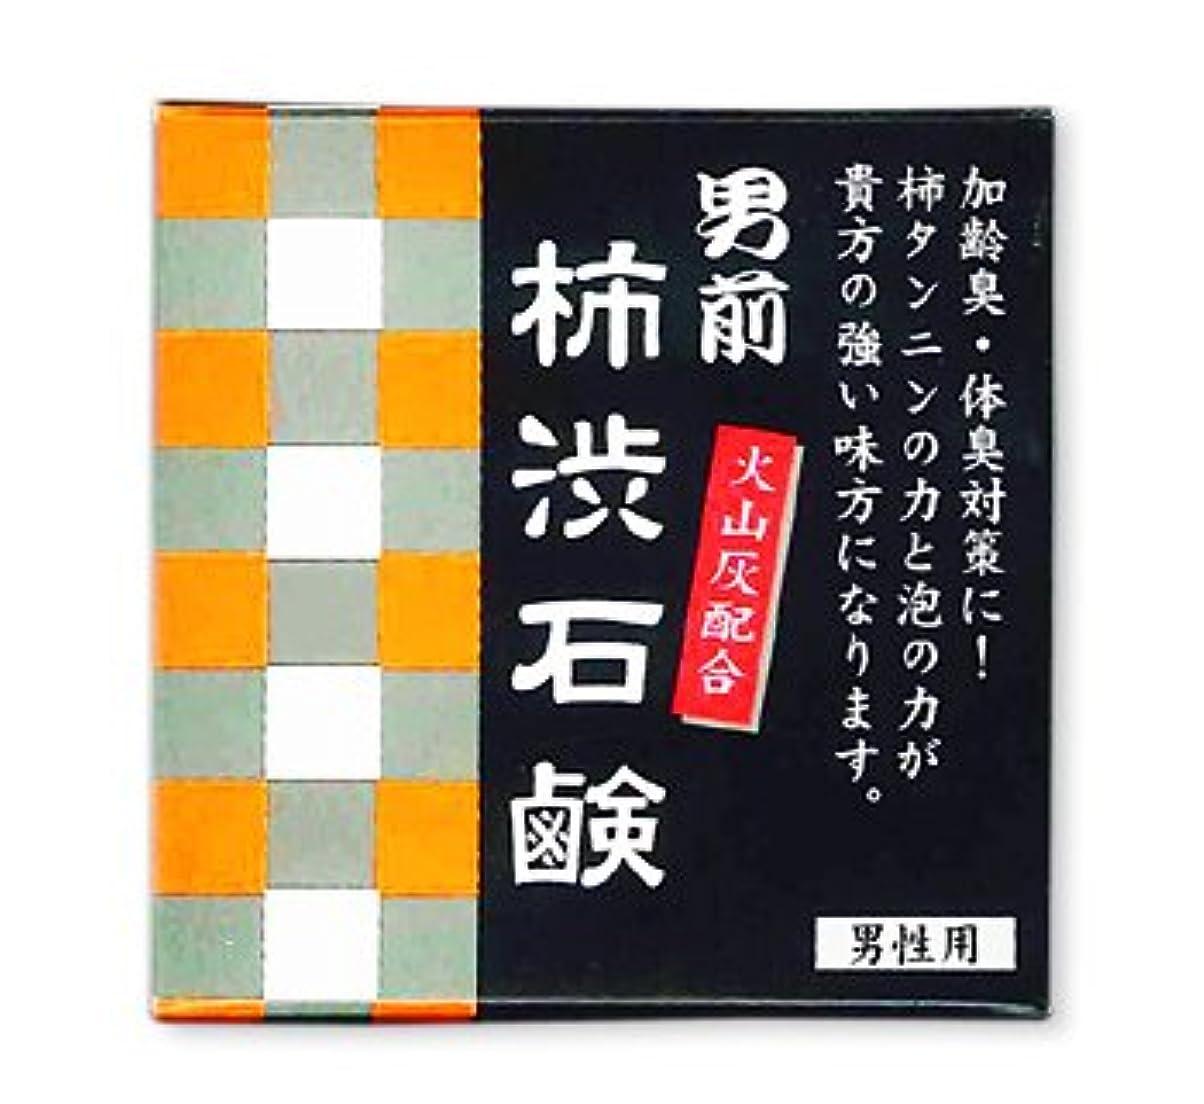 ひもフィドルまつげ男磨けっ! 男前 柿渋石鹸 (80g)×10個セット? 加齢臭 体臭 対策